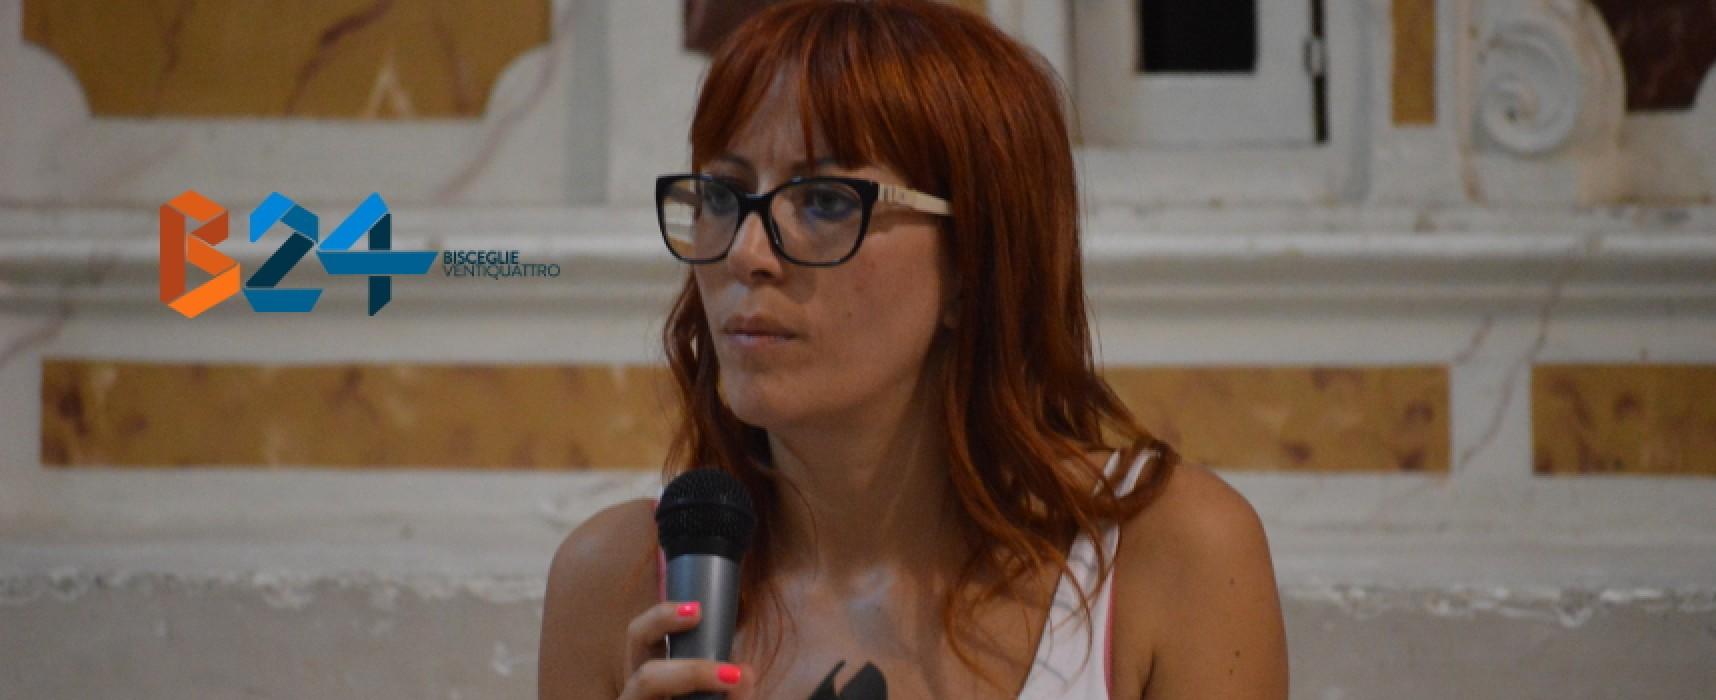 """Carmen Russo (Ncd): """"Lascio l'incarico di consigliera per il bene e la crescita del nostro gruppo politico"""""""